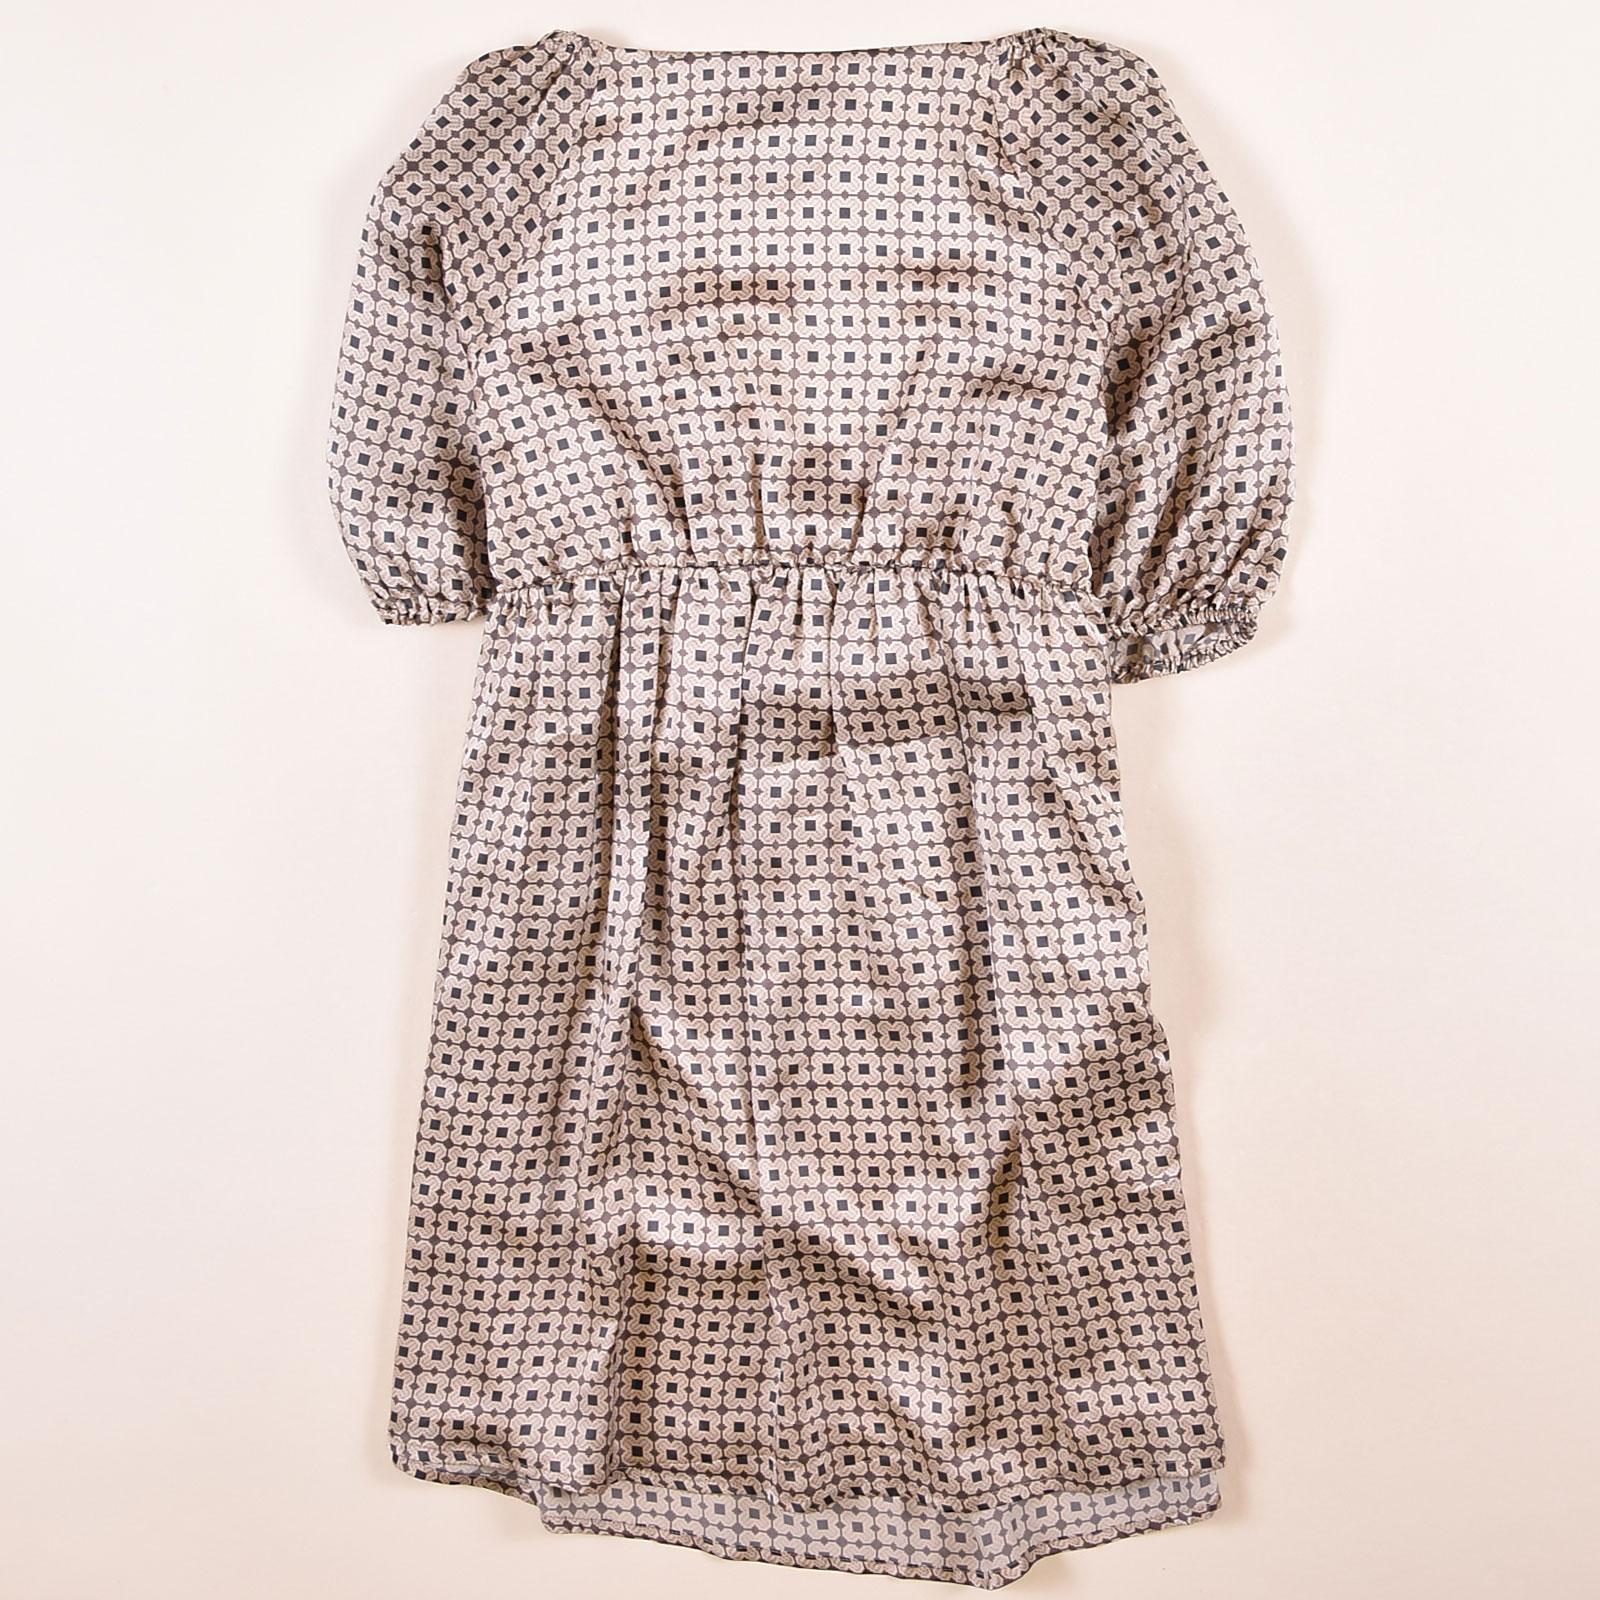 professioneller Verkauf Mode neueste kaufen Details zu Gant Damen Kleid Dress Gr.38 Seide Mehrfarbig, 62750